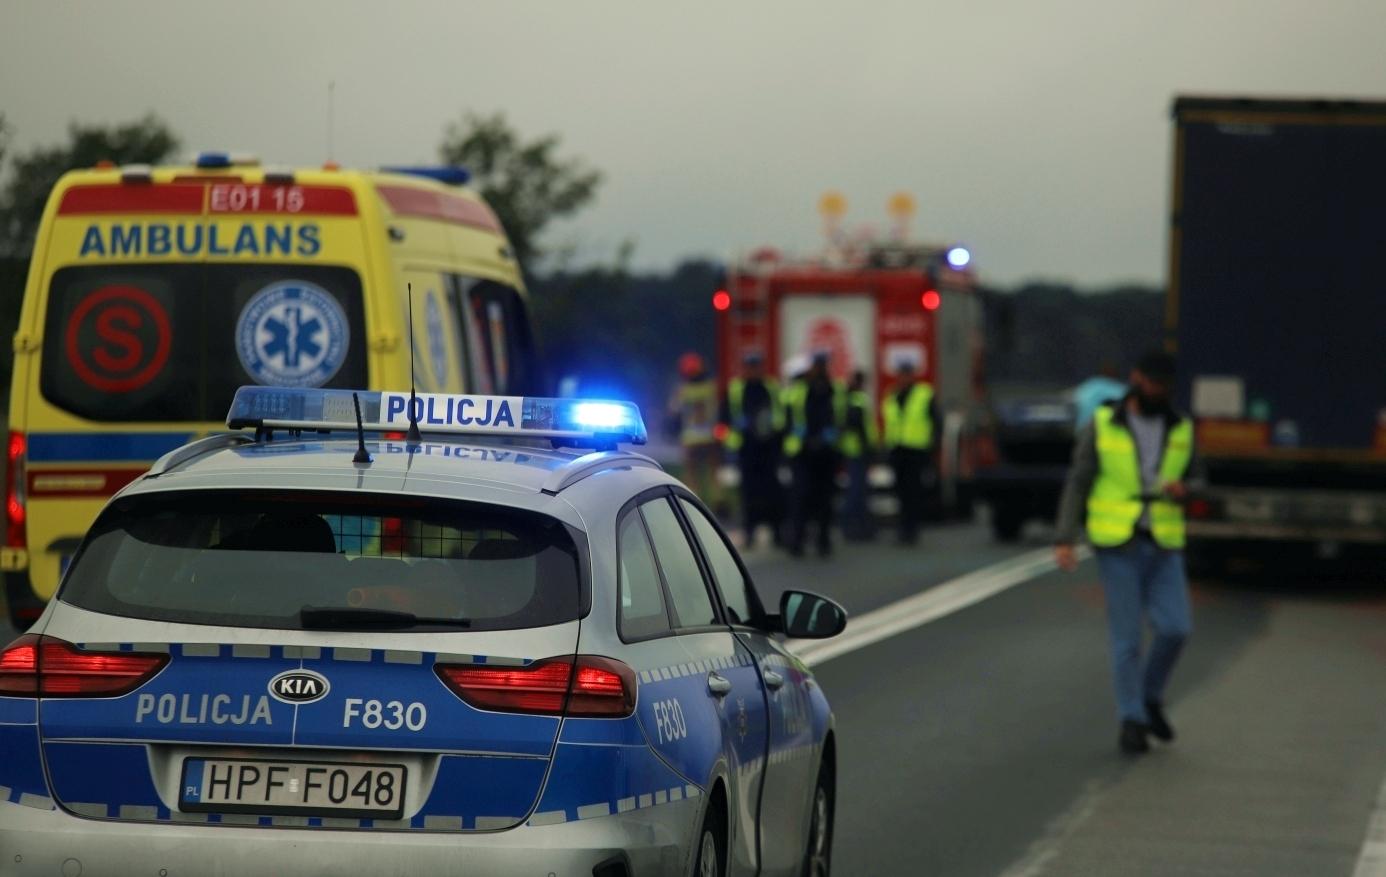 Groźny wypadek pod Kutnem. Służby w akcji, są utrudnienia w ruchu - Zdjęcie główne